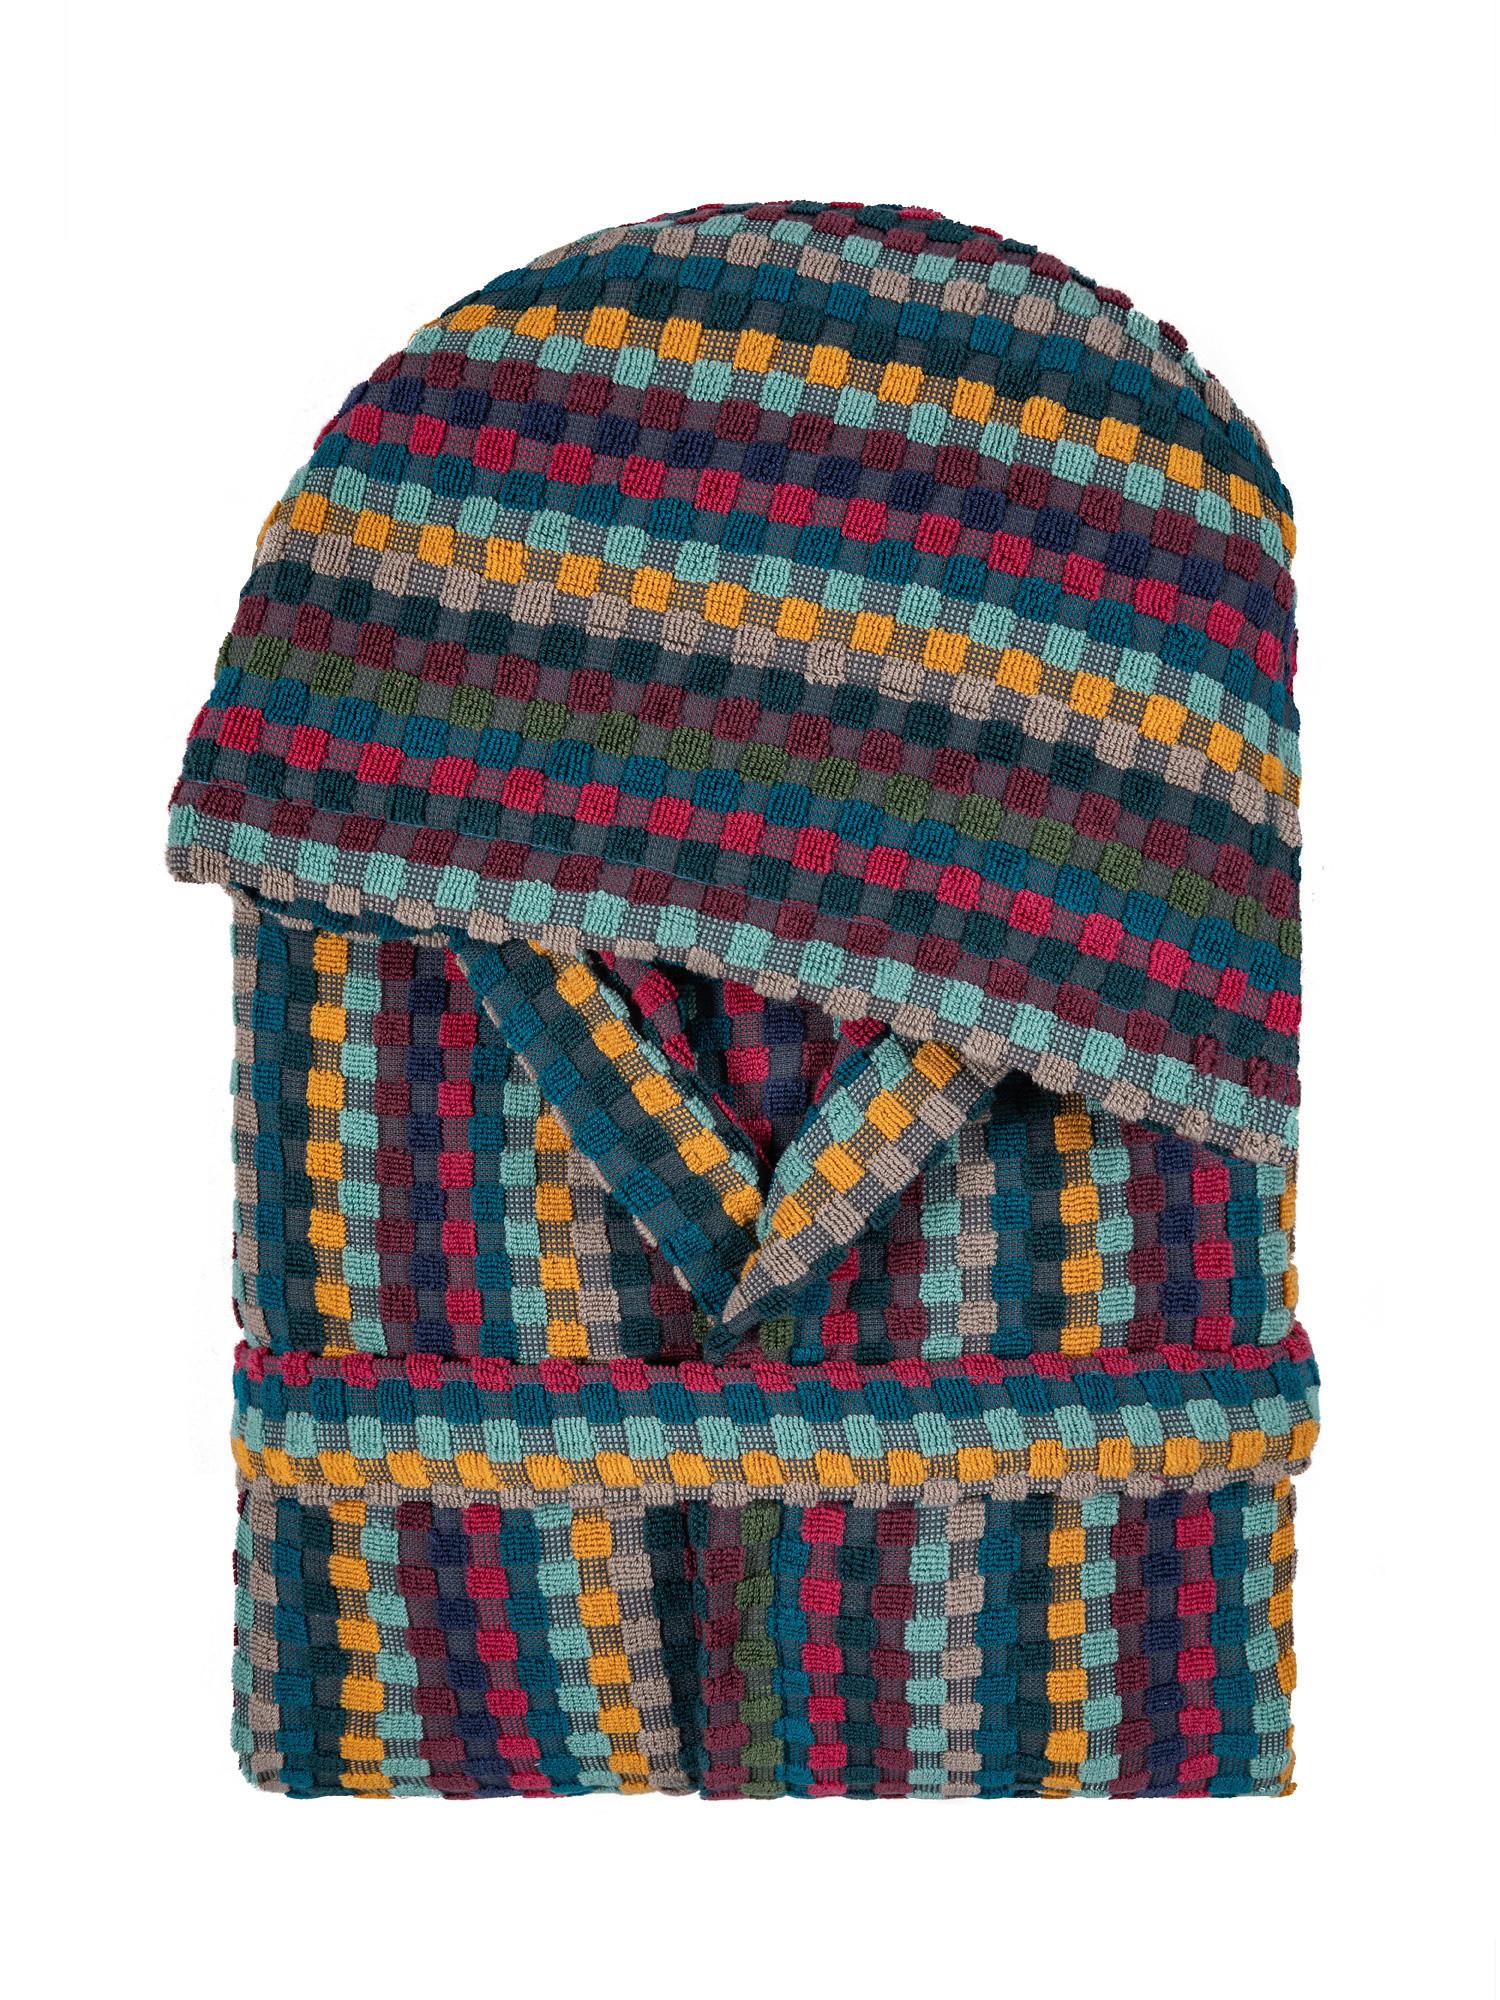 Accappatoio spugna di cotone motivo pois, Multicolor, large image number 1